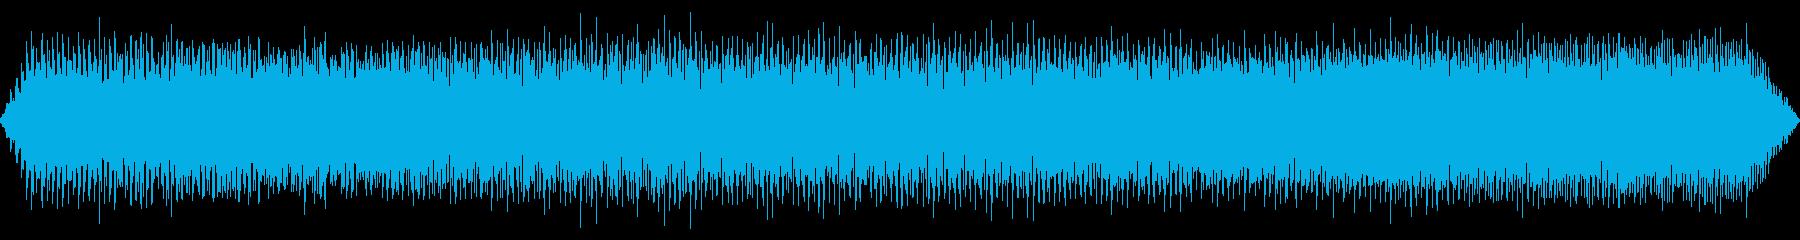 スペースモーター:ヘビーリズミック...の再生済みの波形